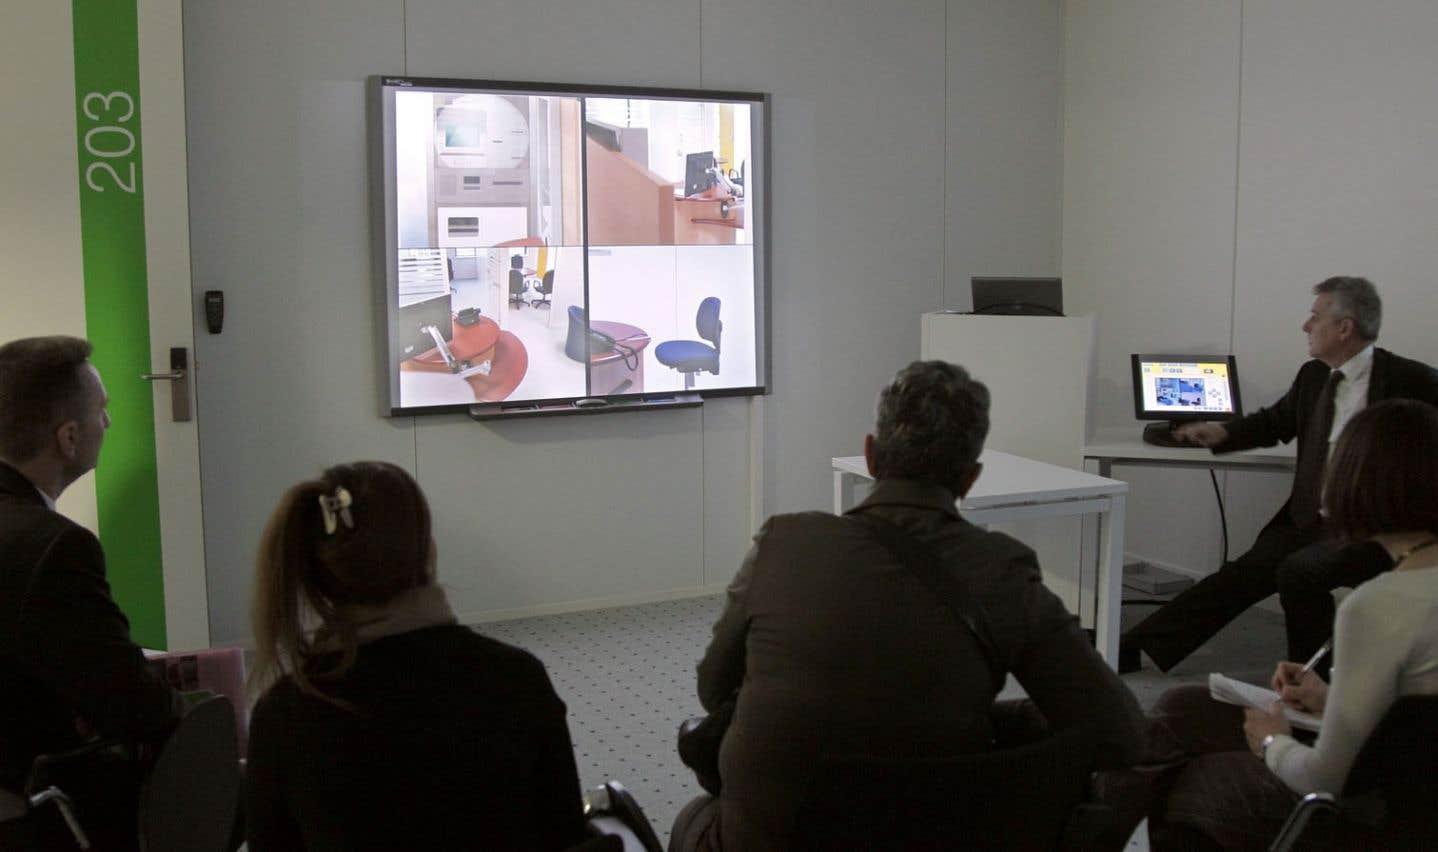 La formation en milieu de travail permet, entre autres, d'améliorer l'efficacité des employés.